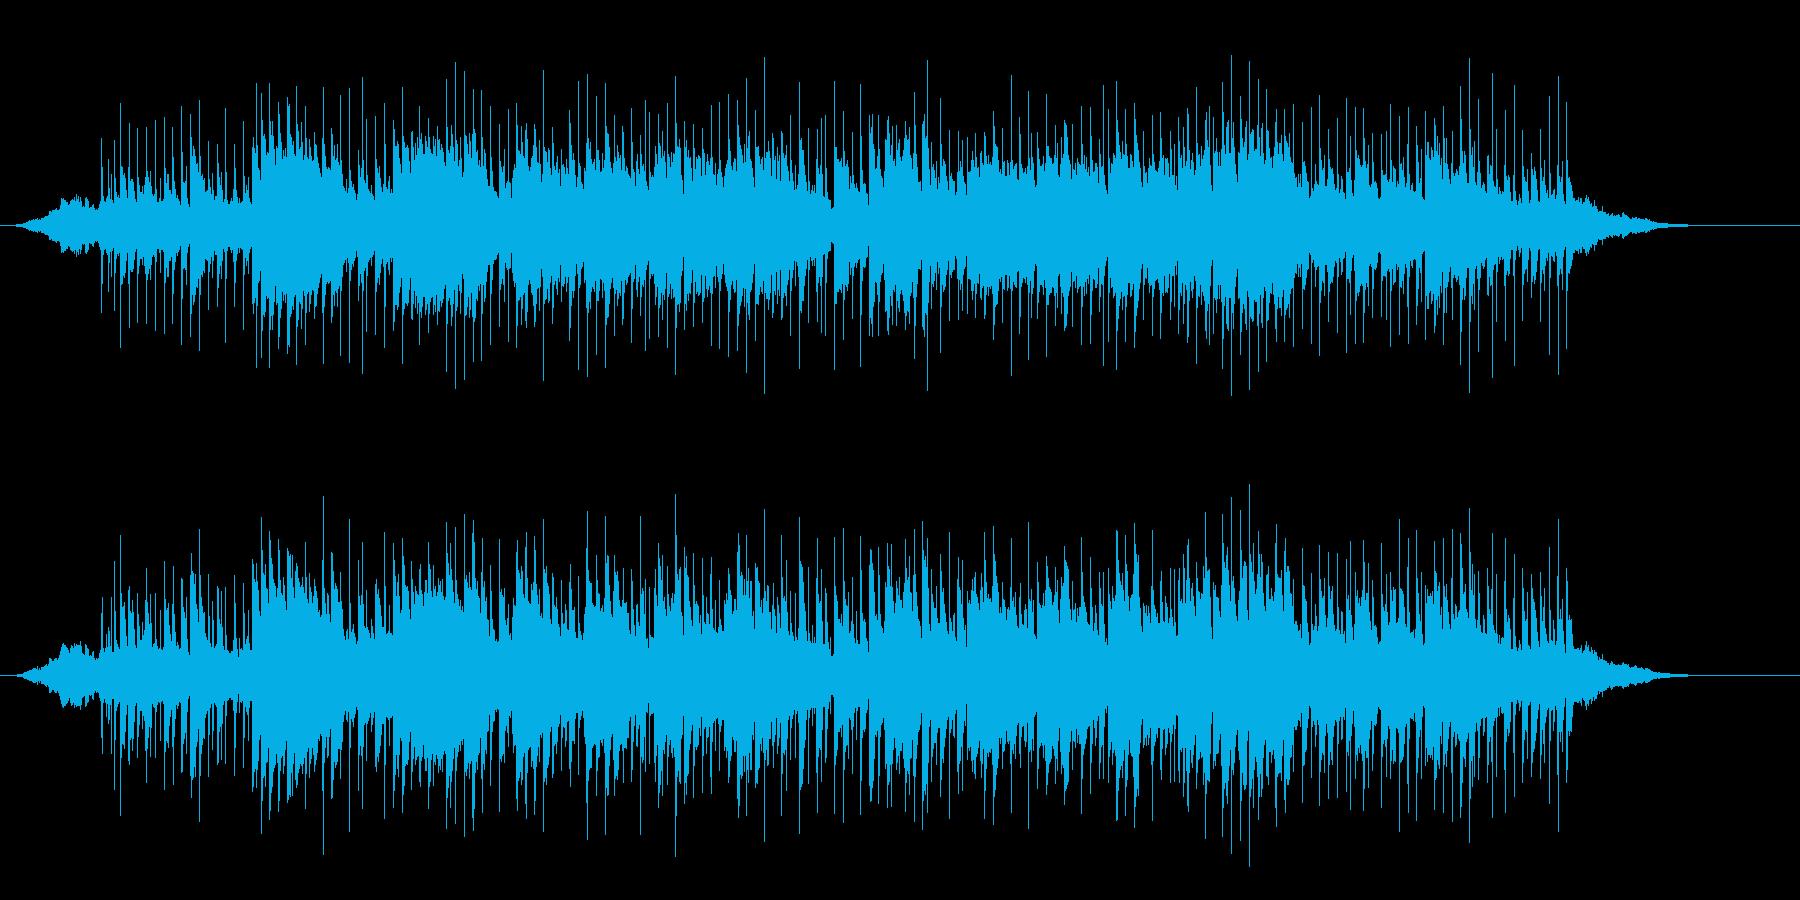 ネオ・ワールド・ミュージック(インド風)の再生済みの波形